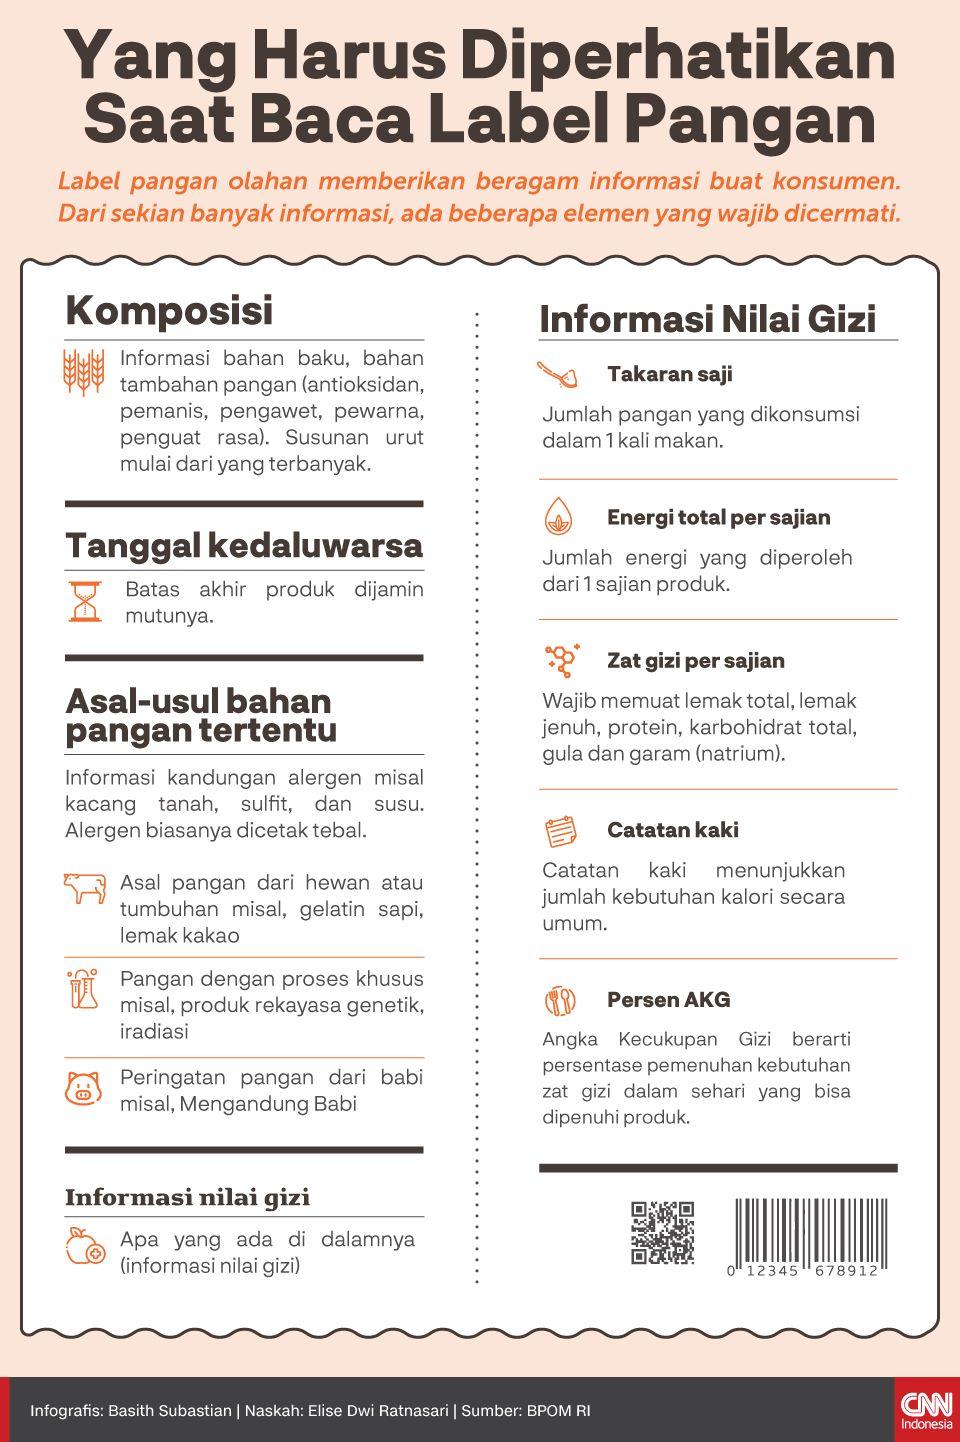 Infografis Yang Harus Diperhatikan Saat Baca Label Pangan